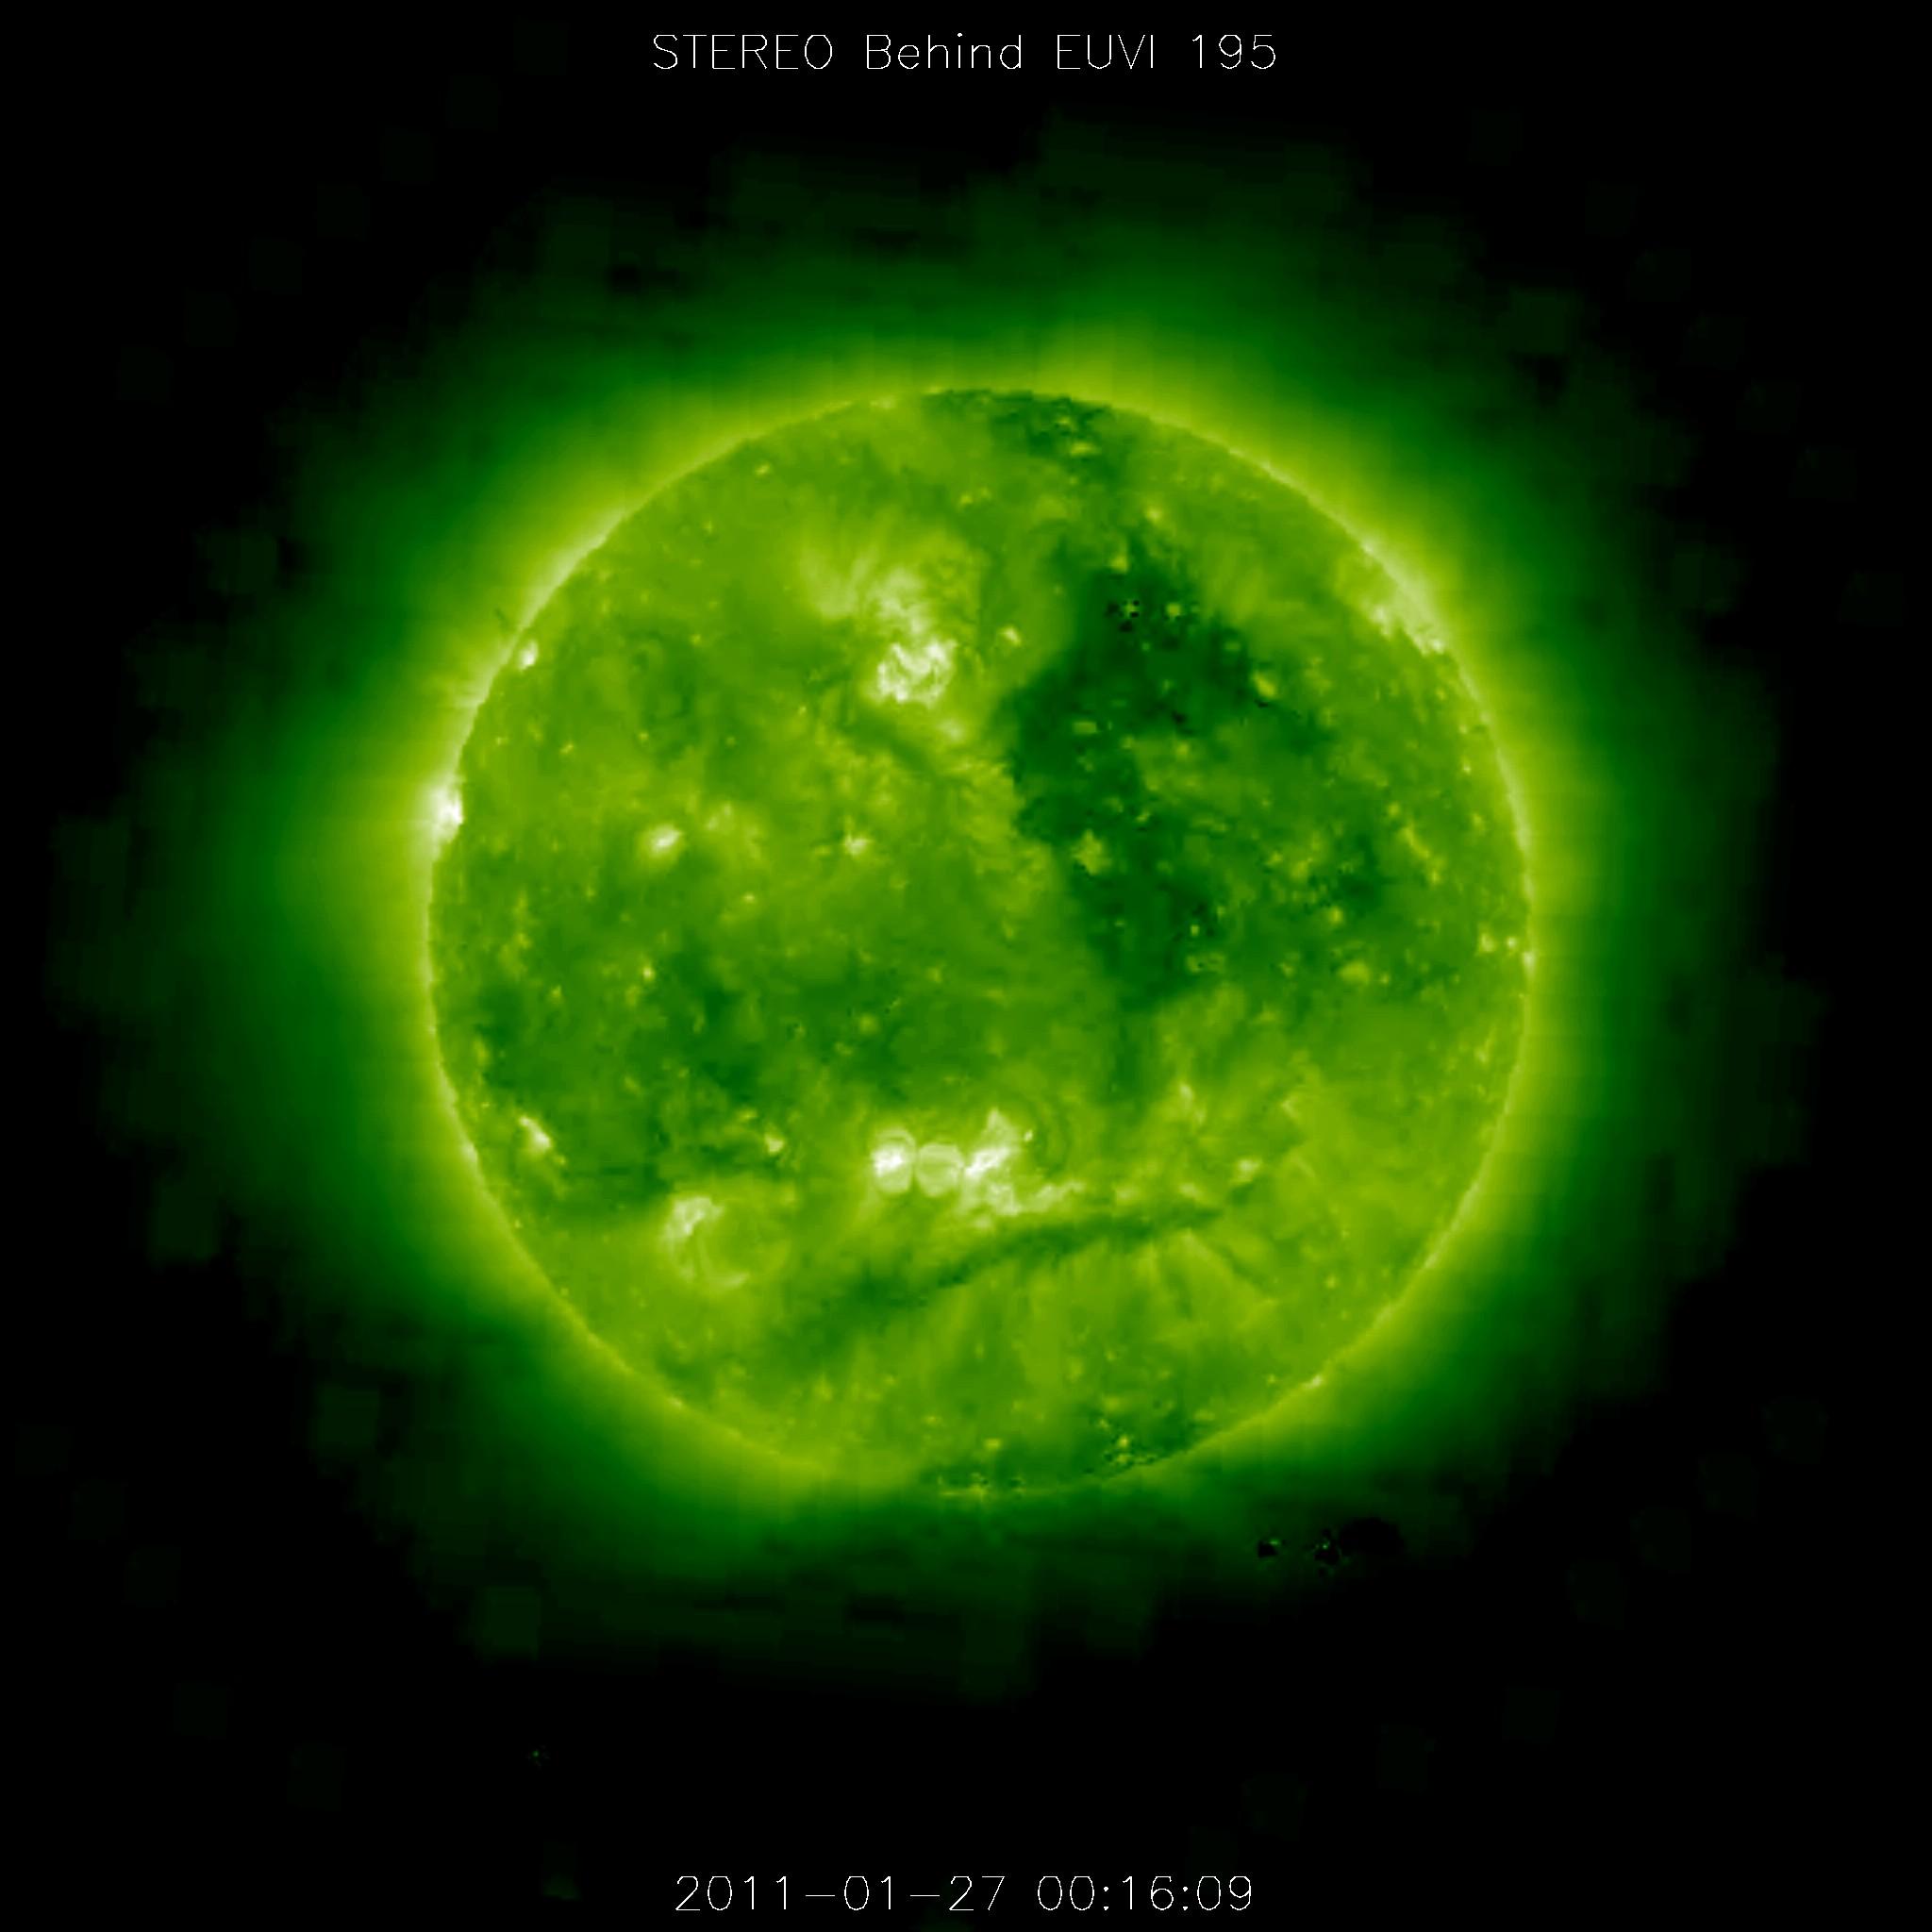 やつらがまたやって来た!:太陽を周回する謎の巨大物体たち_e0171614_21452442.jpg